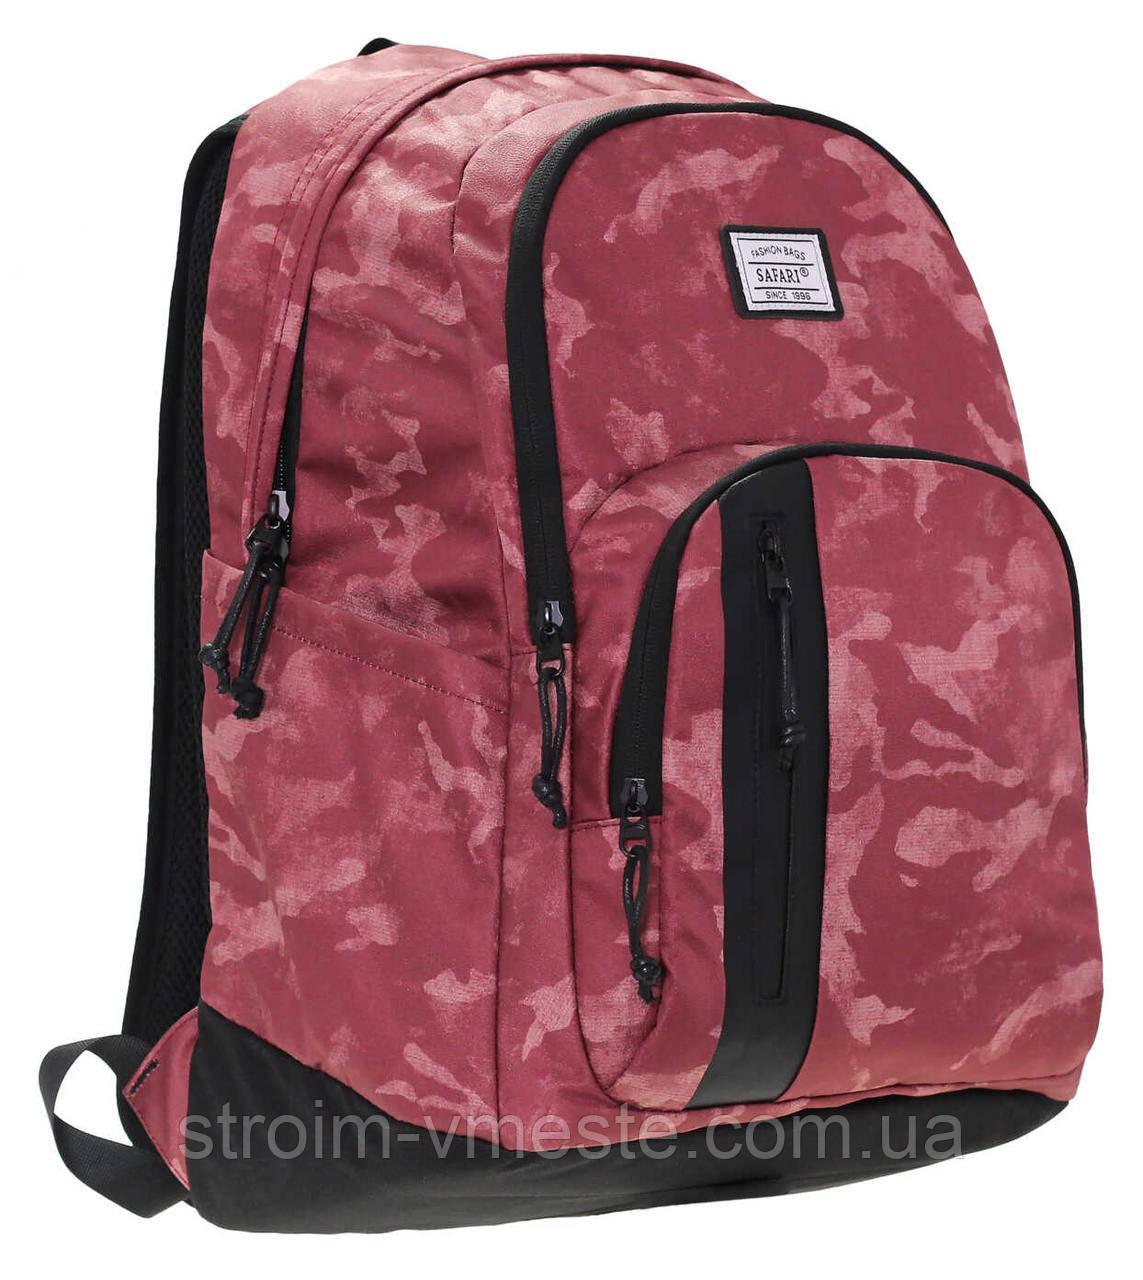 Рюкзак, 3 отделения, 48*31*21см, PL, Safari Trend, 19-108L-1, SAFARI